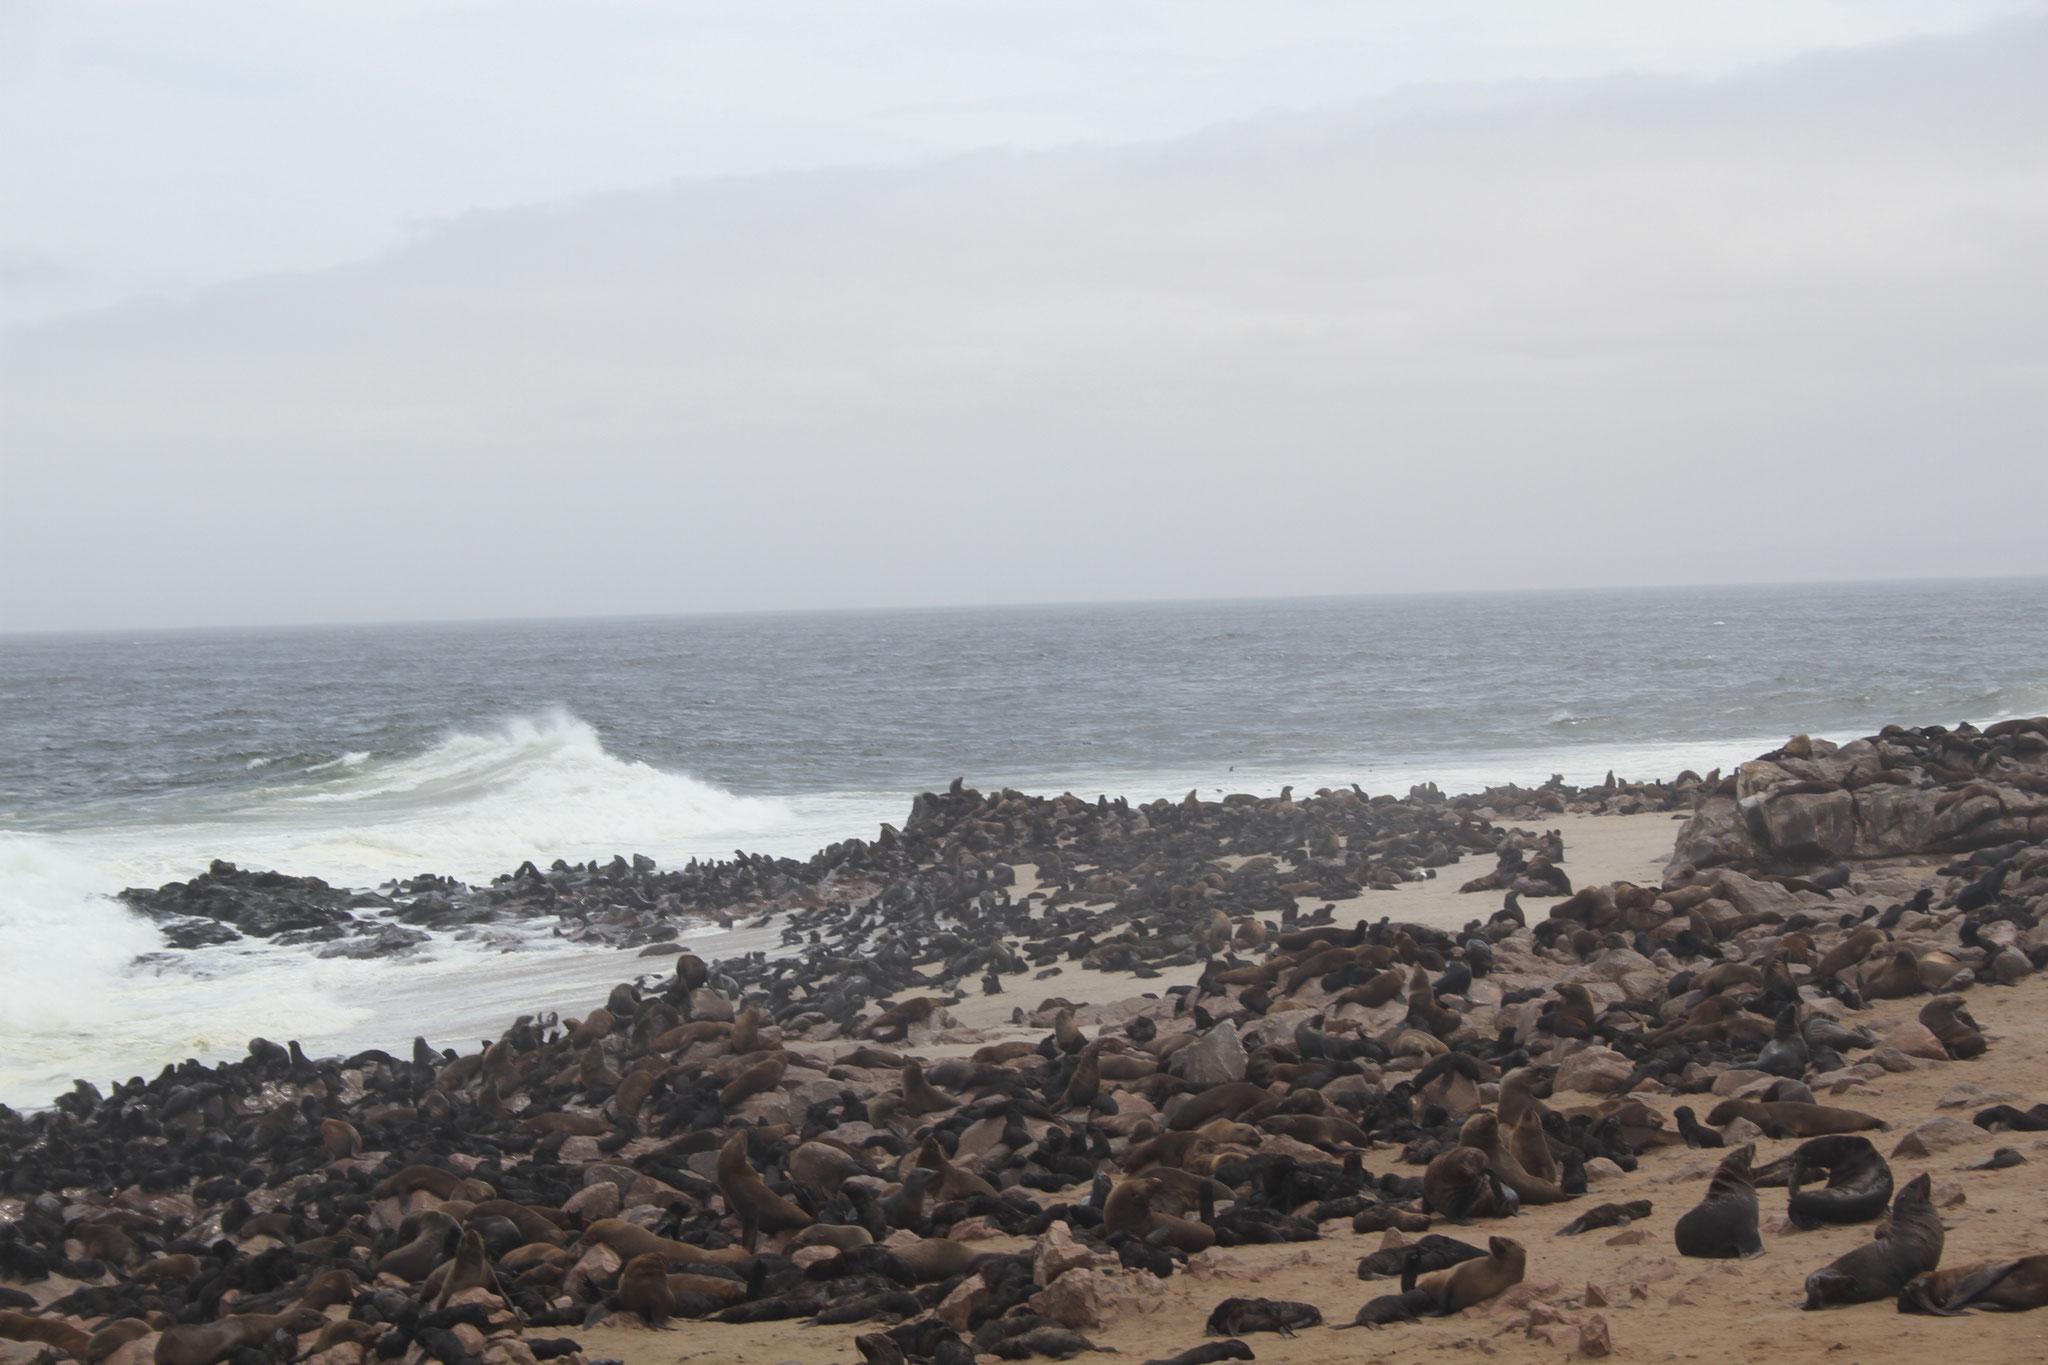 Кейп Кросс - самая большая колония Морских котиков в Намибии